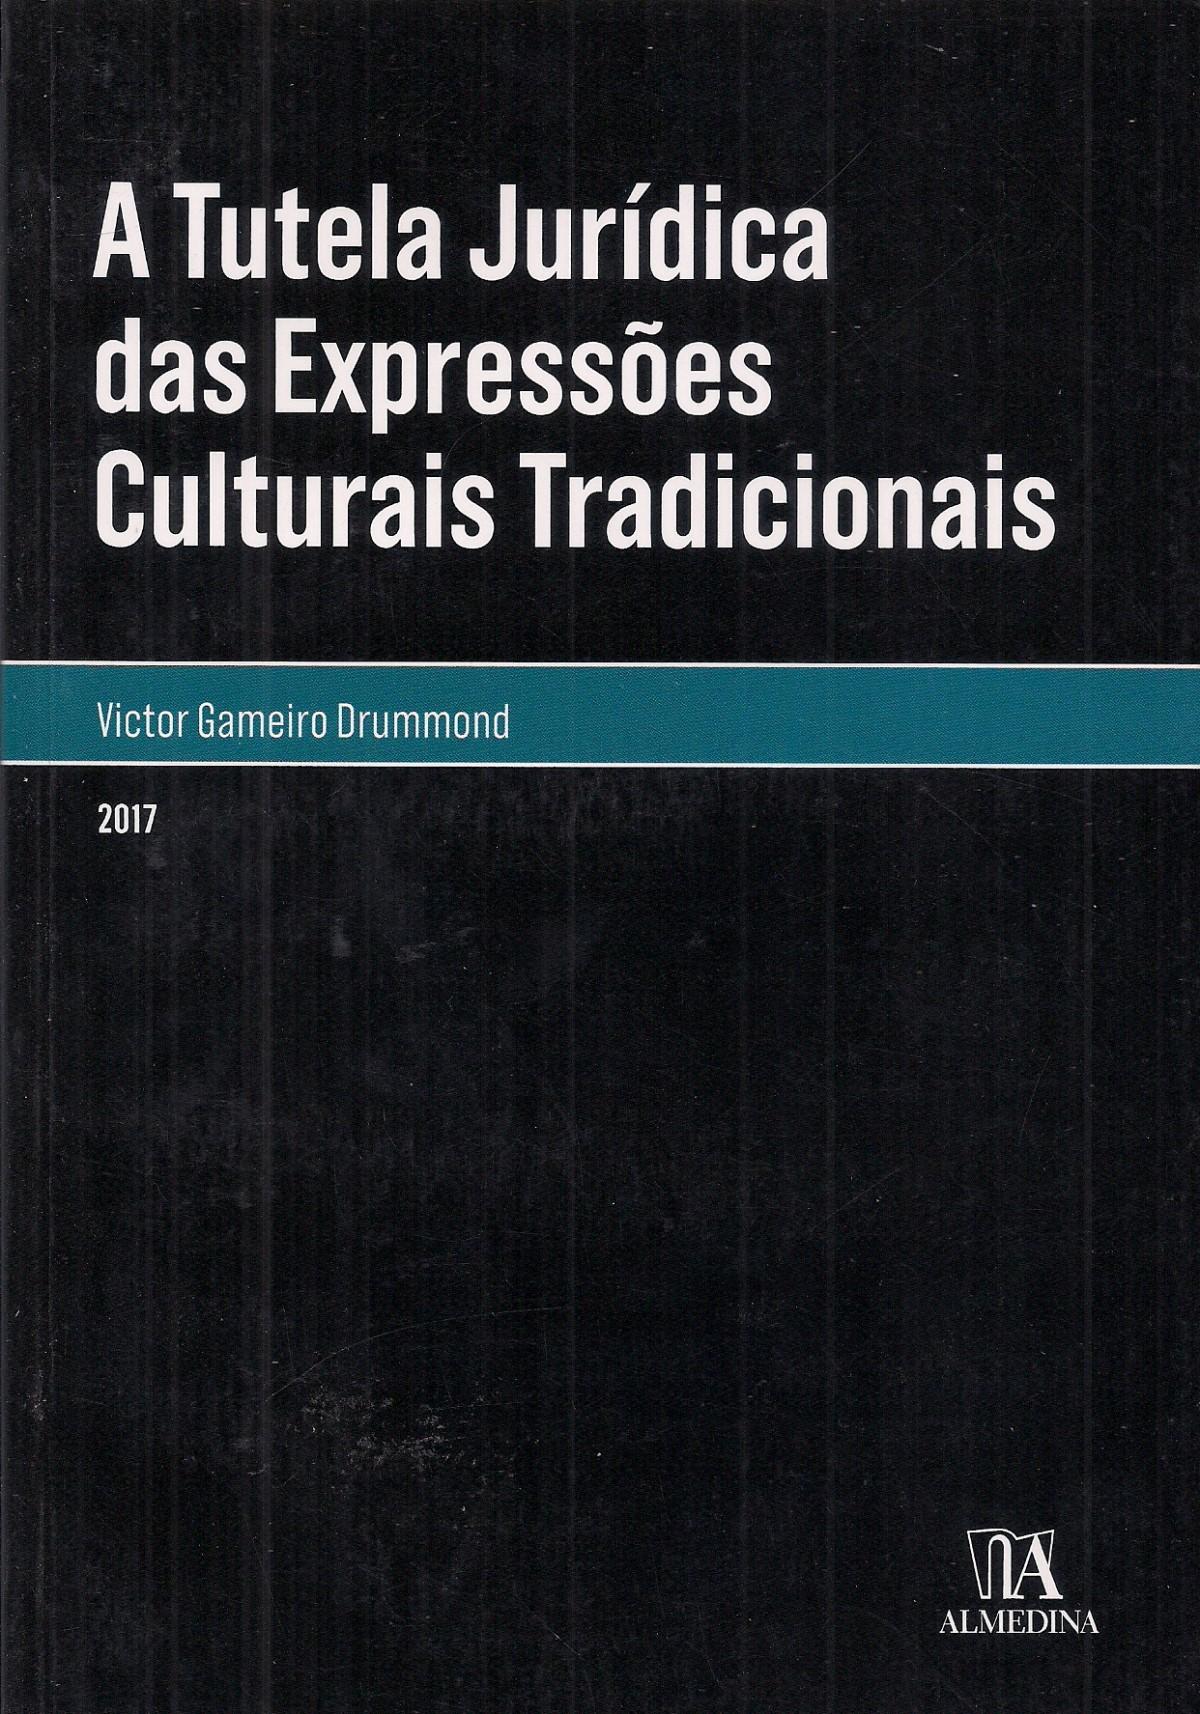 Foto 1 - A Tutela Jurídica das Expressões Culturais Tradicionais